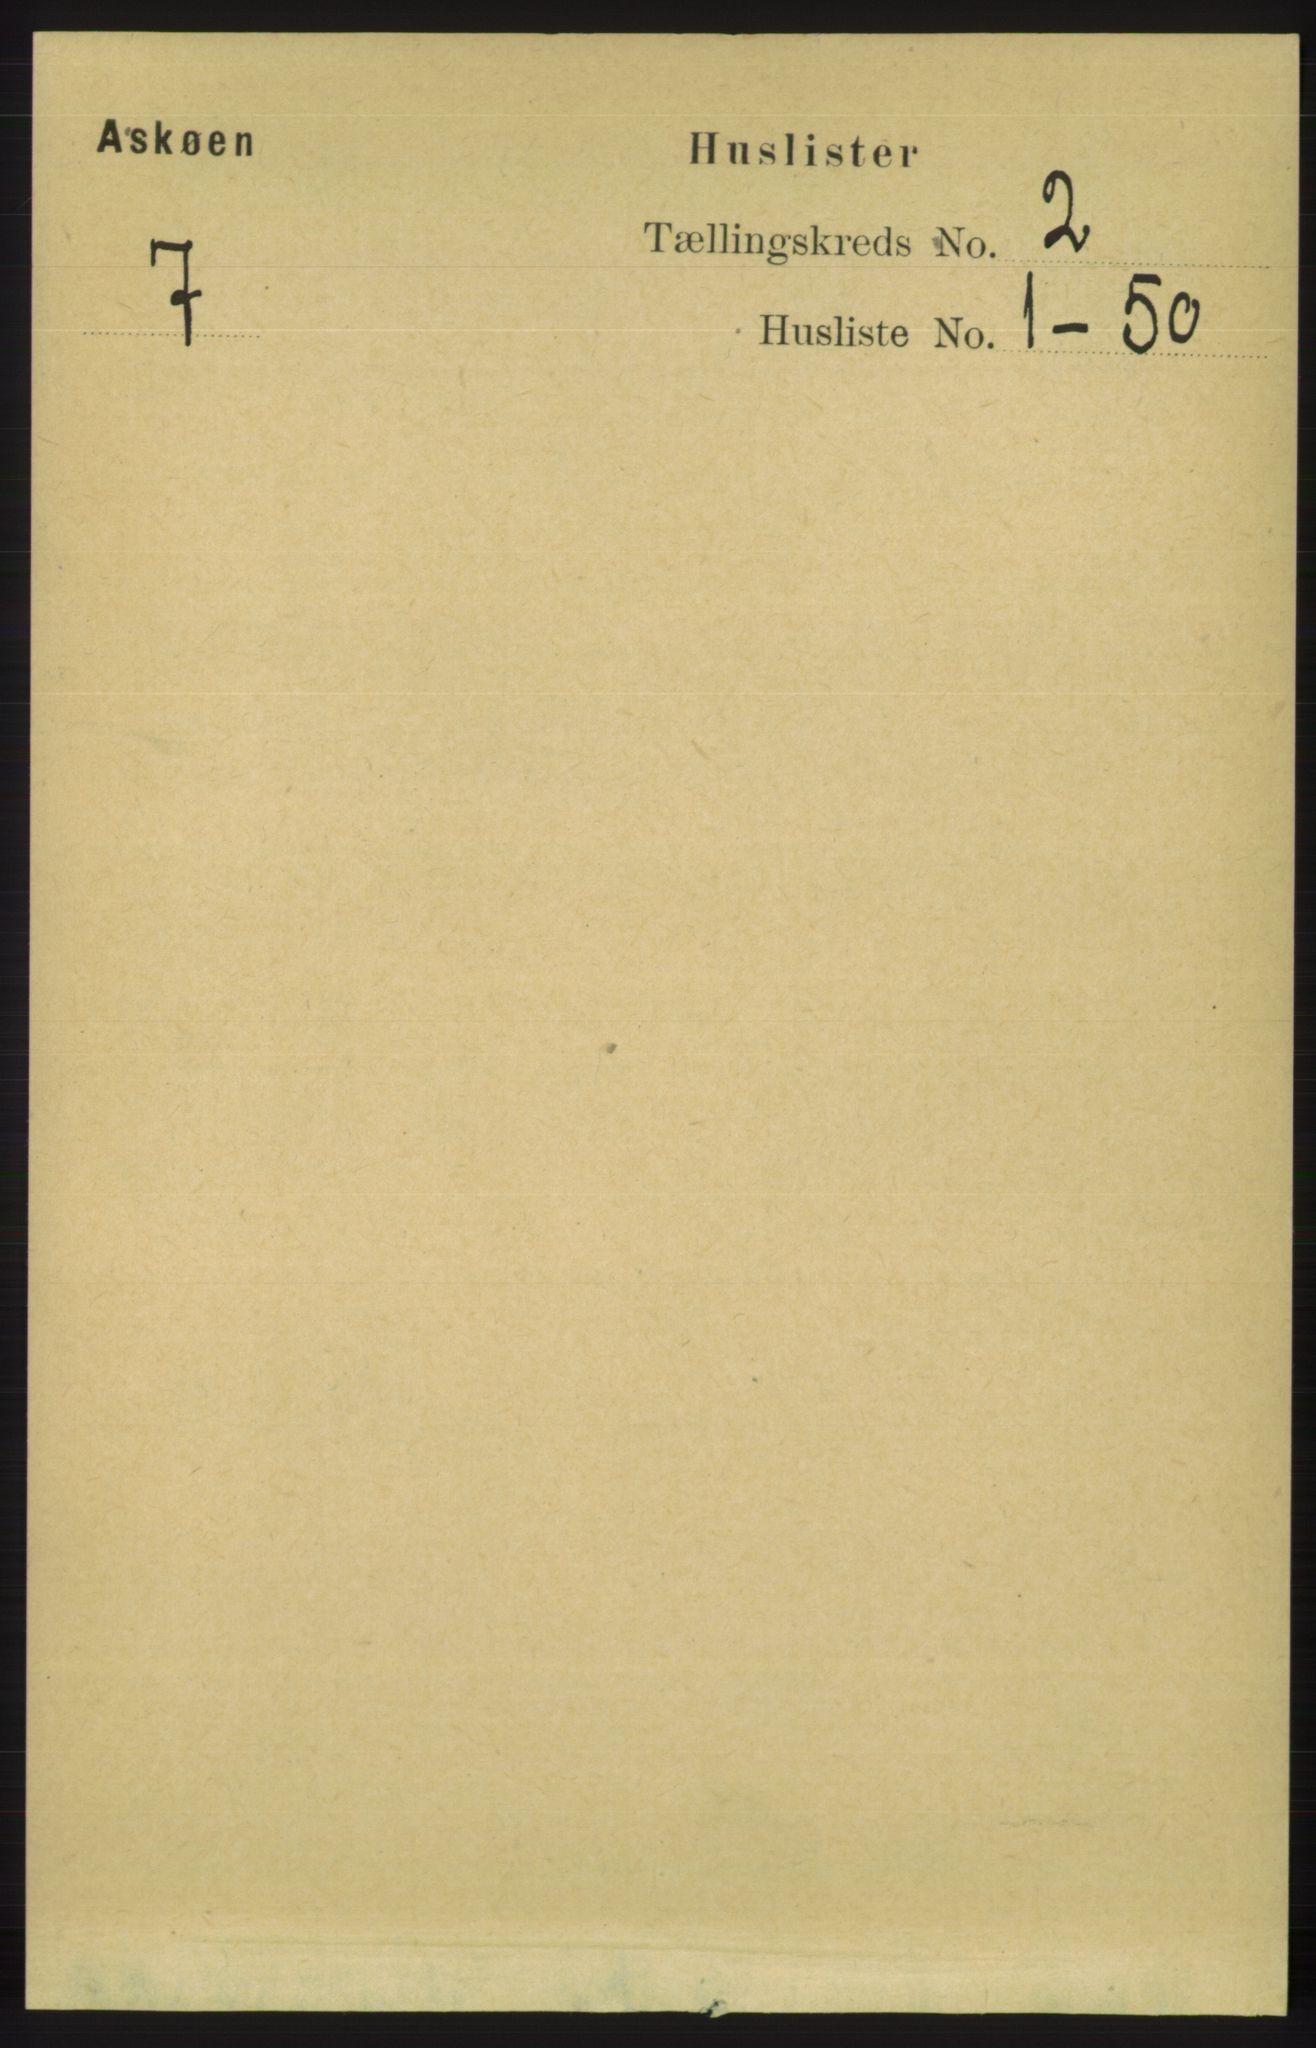 RA, Folketelling 1891 for 1247 Askøy herred, 1891, s. 1032